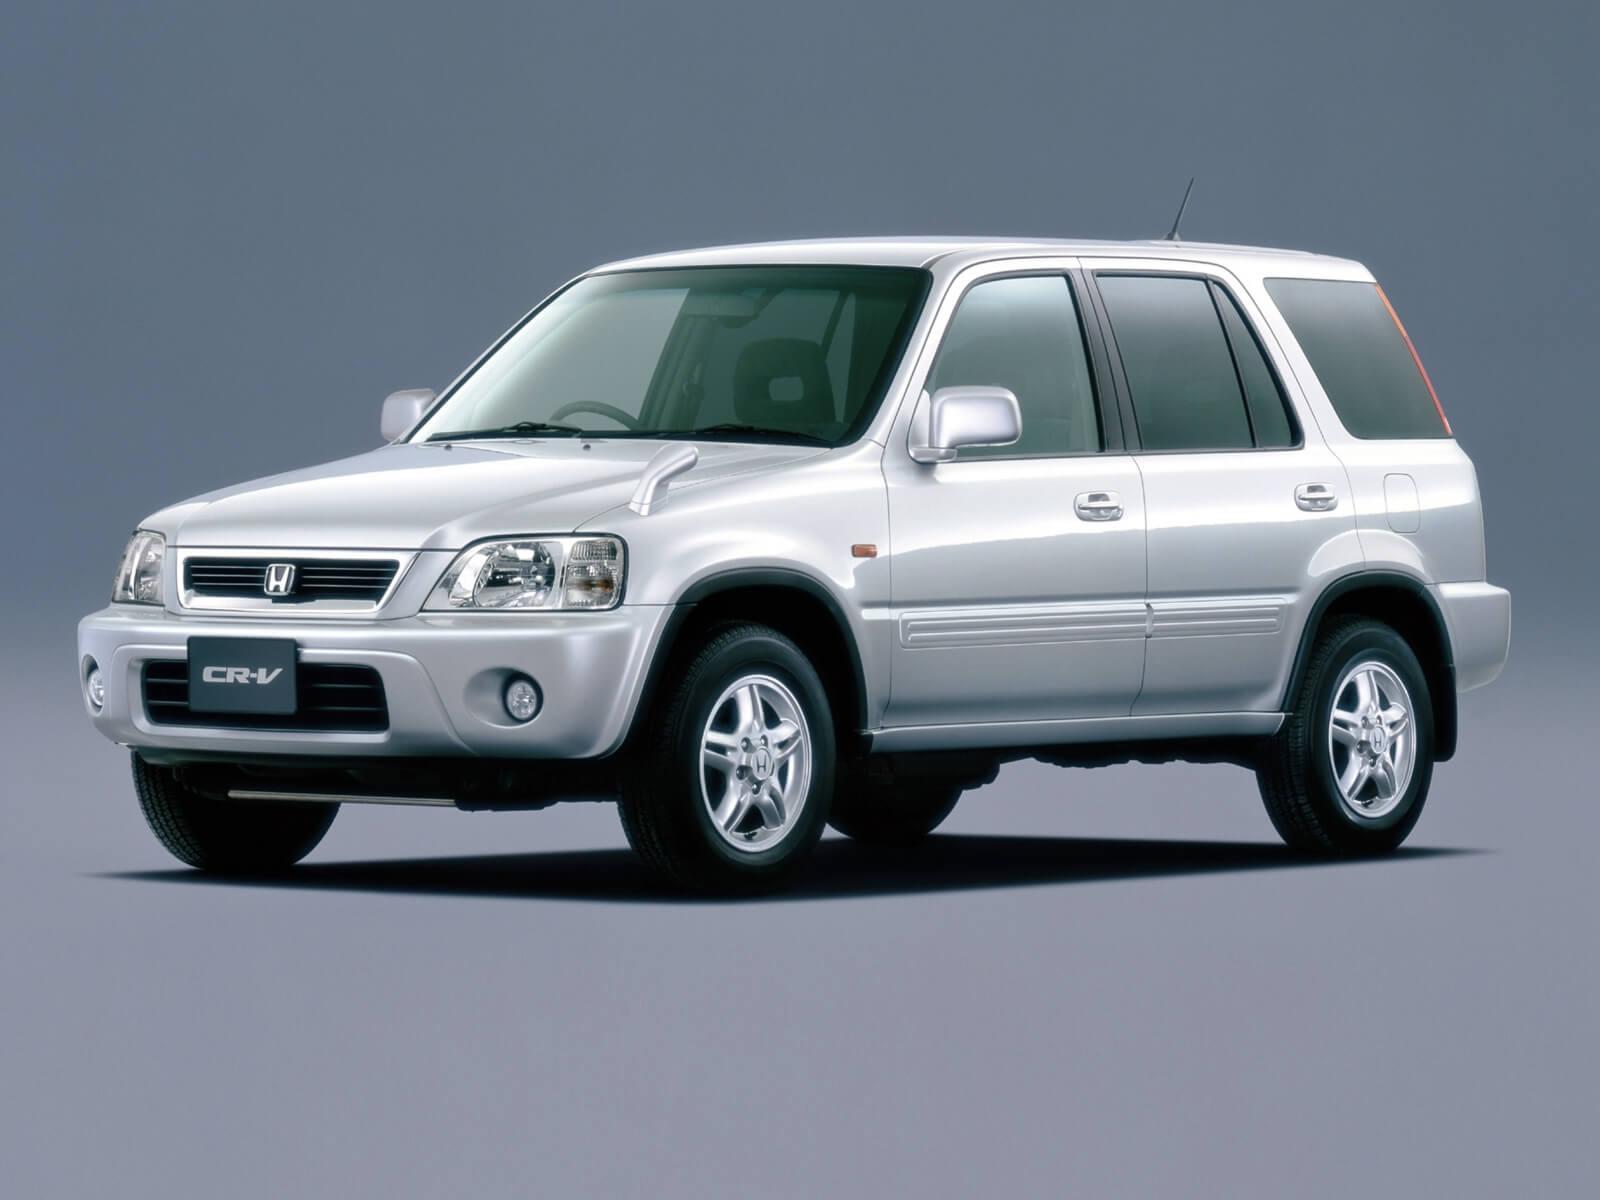 Регламенты технического обслуживания и мануалы для Honda CR-V